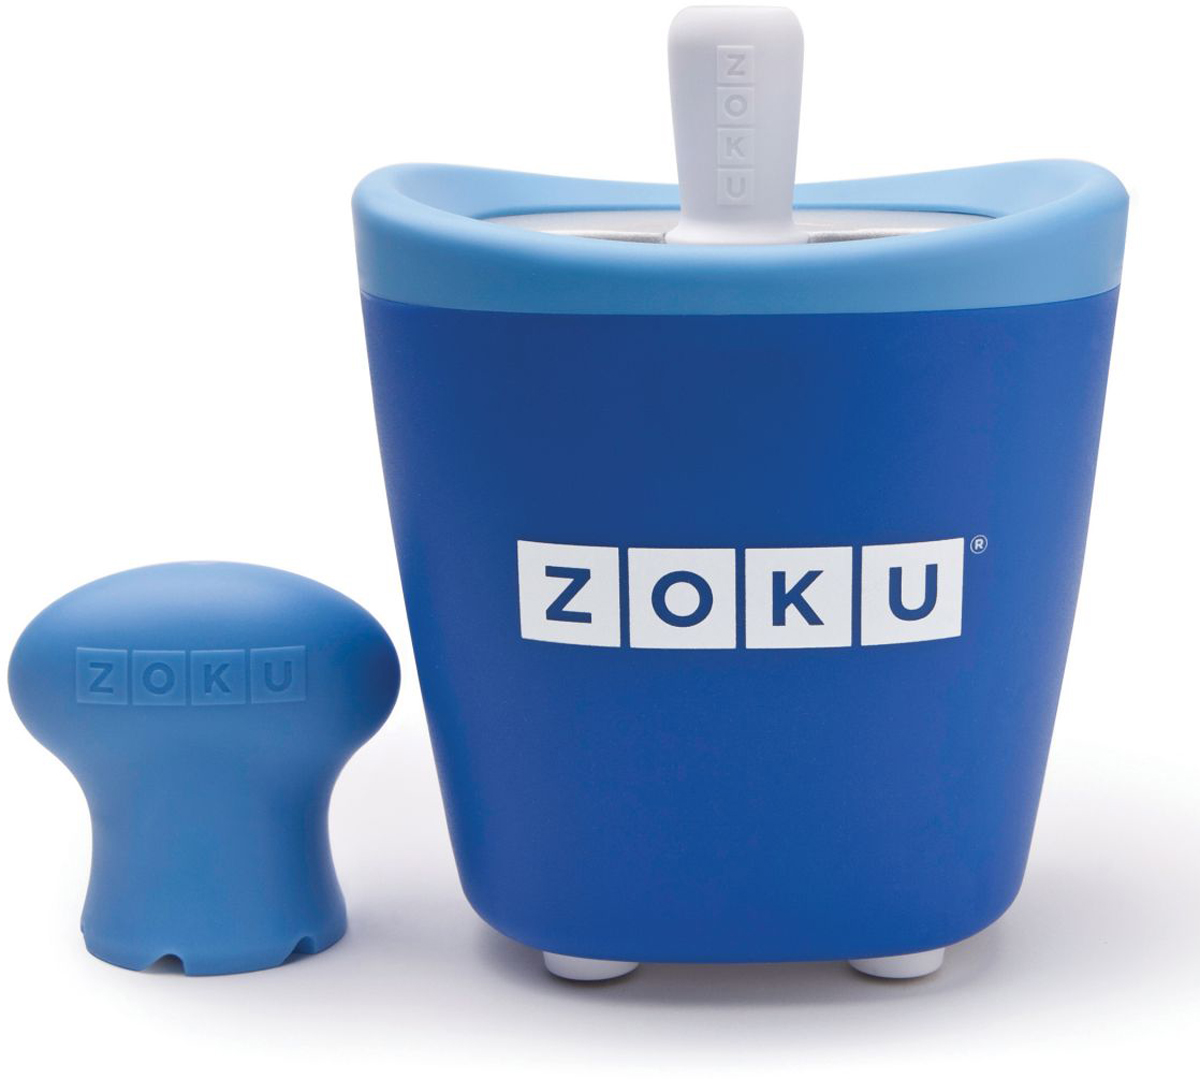 Набор для приготовления мороженого Zoku Single Quick Pop Maker, цвет: синий, 60 млZK110-BLС компактной и удобной формой Quick Pop Maker можно приготовить домашний фруктовый лед из полностью натуральных ингредиентов. В набор помимо формы для мороженого входят три палочки, а к ним три небольших поддона для капель и съемная насадка. Как использовать:1. Поместите пустую форму в морозильную камеру на 24 часа. Форма должна быть абсолютно сухой и располагаться вертикально.2. Через сутки вытащите форму из морозилки и вставьте в нее палочки. Залейте охлажденный сок в емкость до отметки. Через 7-10 минут фруктовый лед готов.3. Поместите съемную насадку на палочку и закрутите по часовой стрелке до упора. Когда ручка начнет свободно крутиться, смените направление и откручивайте против часовой стрелки, чтобы вытащить мороженое из формы.Объем емкости - 60 мл. Форма не содержит вредных примесей и бисфенола-А. Устройство работает без электричества и позволяет приготовить до 3 порций от одной заморозки. Моется вручную. Не используйте простую и газированную воду или полностью пресные напитки без сахара в приборе Quick Pop. В результате использования воды или напитков без сахара будет крайне тяжело достать продукт из прибора, а также можно повредить насадку или палочку.